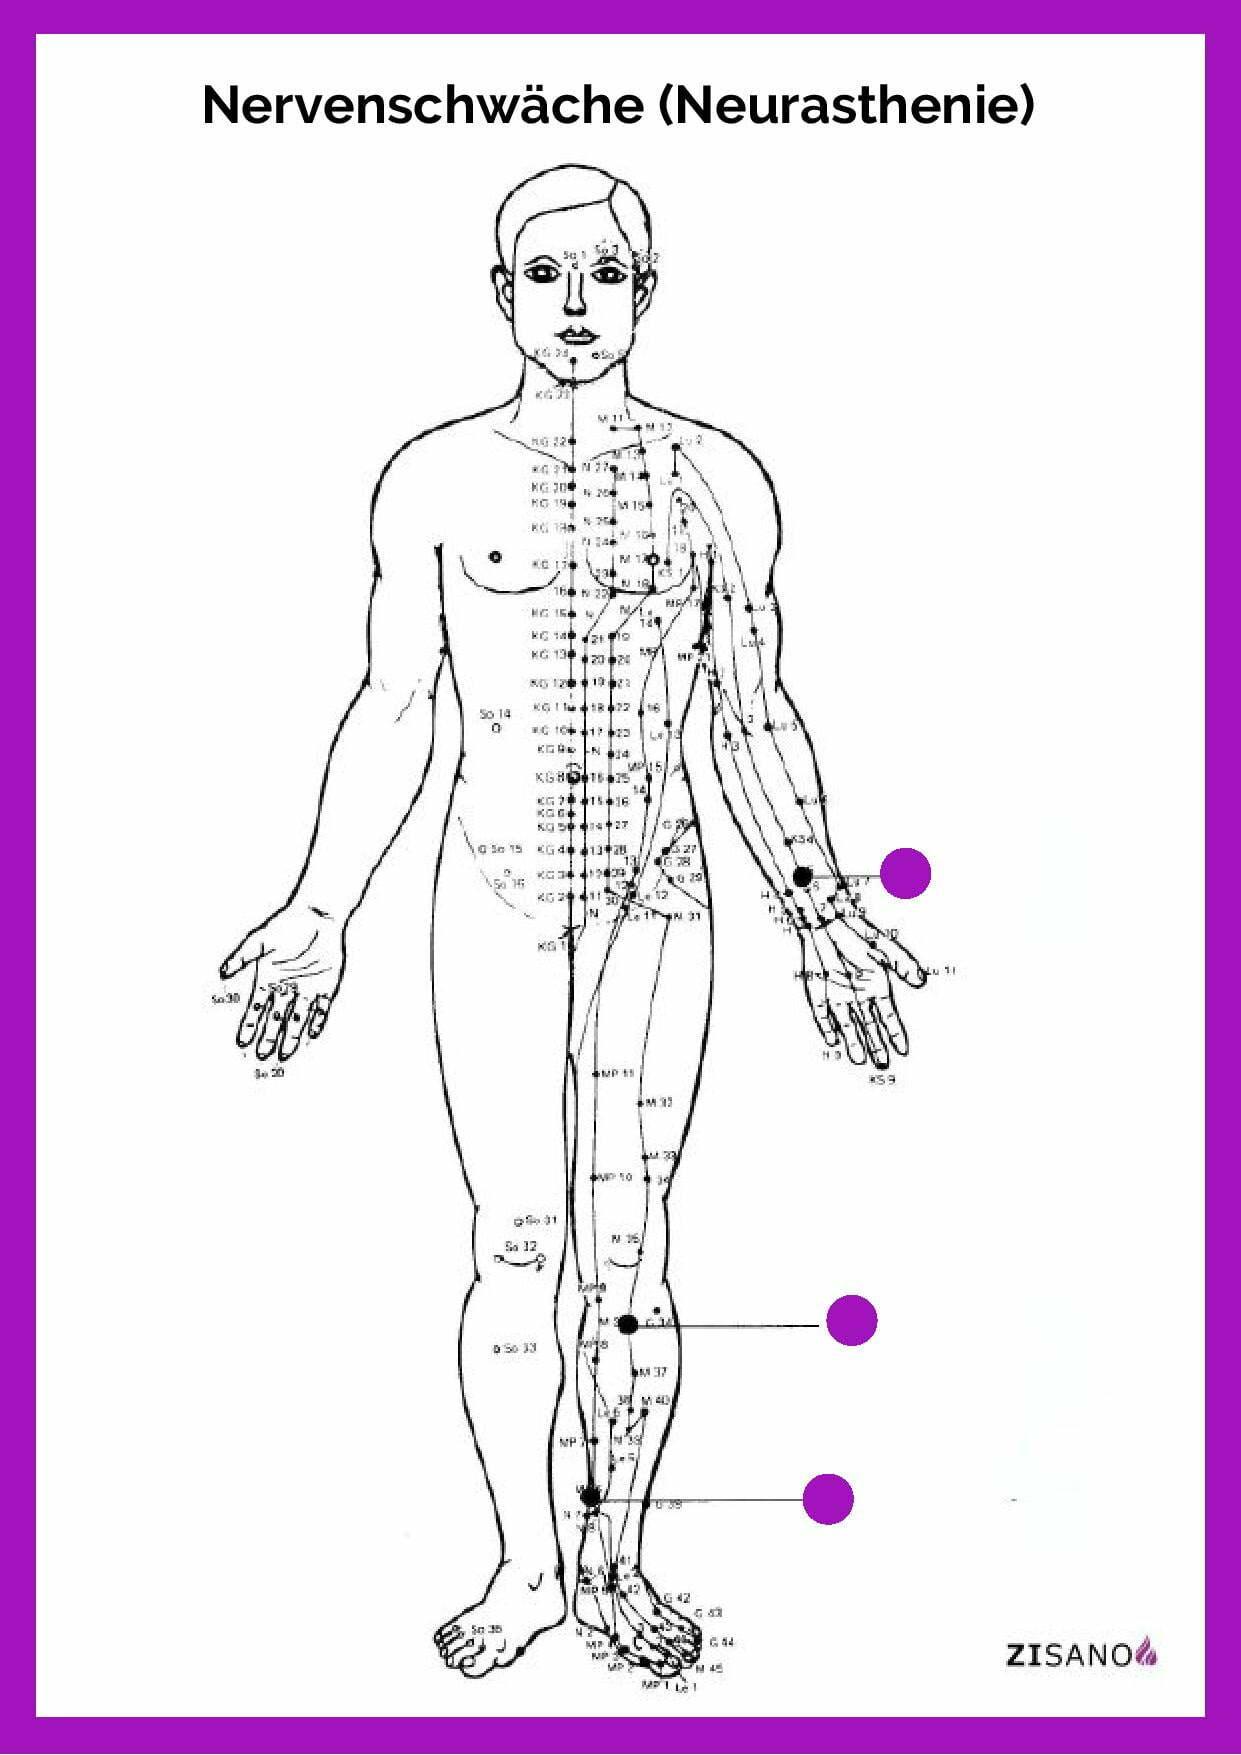 Meridiane - Nervenschwäche - Neurasthenie - Beschwerden